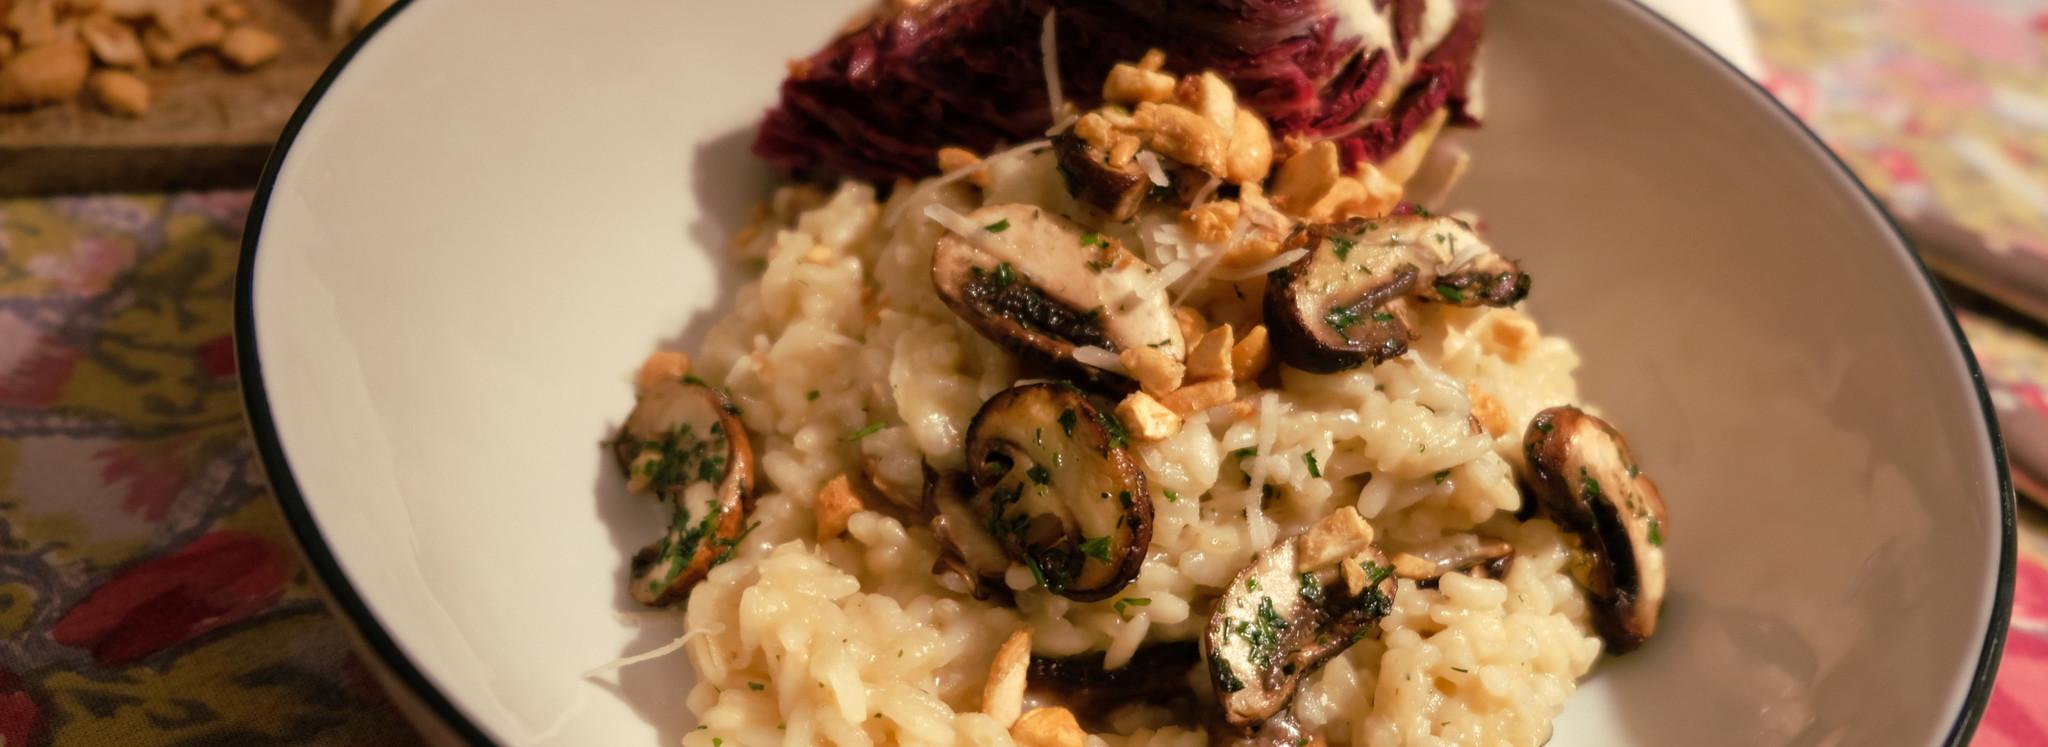 Risotto mit Pilzen, Radicchio und Cashews Schwarzwälder Schinken